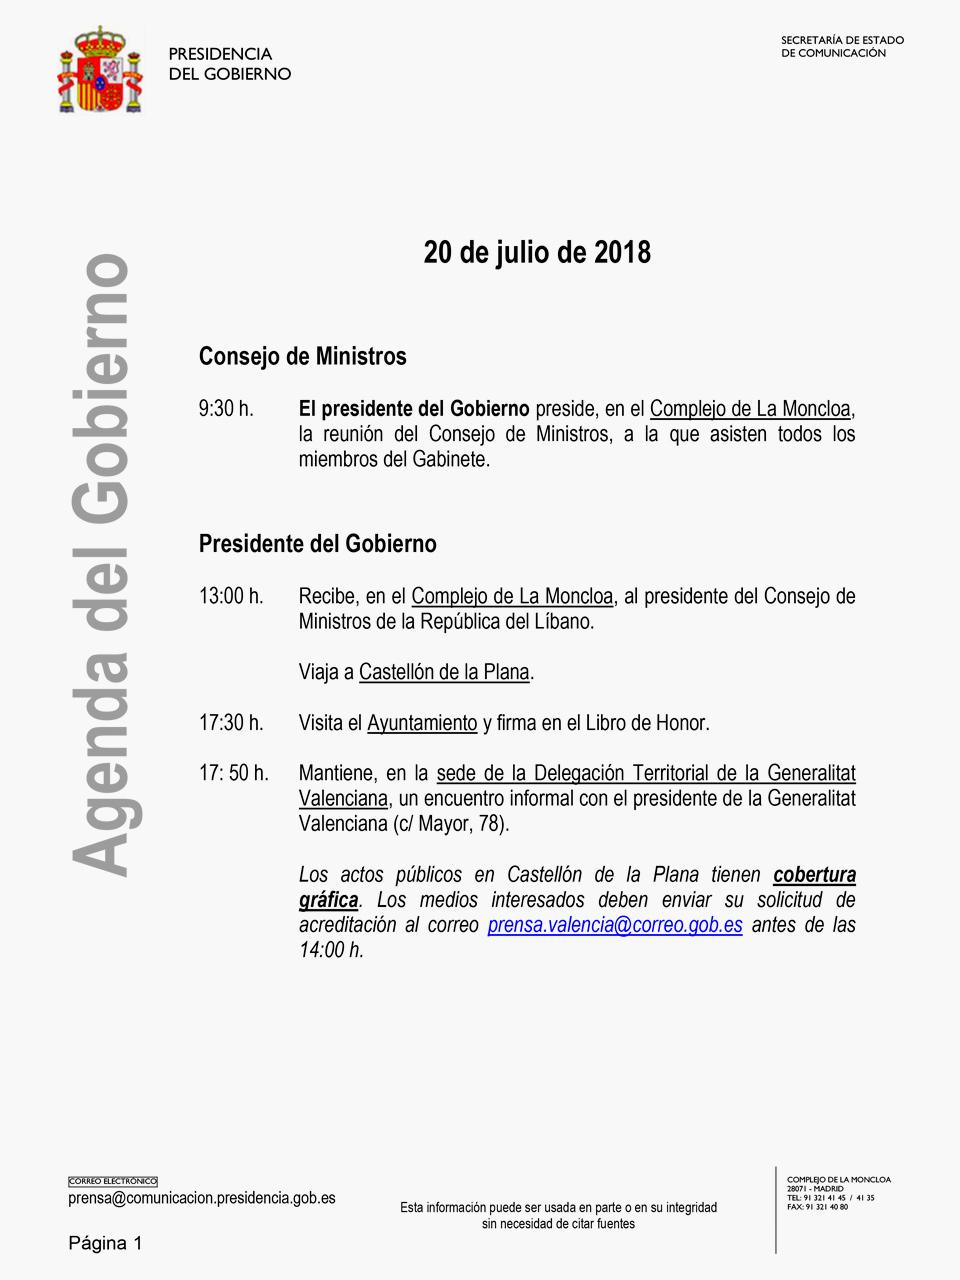 Agenda oficial del Presidente del Gobierno el día 20 de julio de 2018